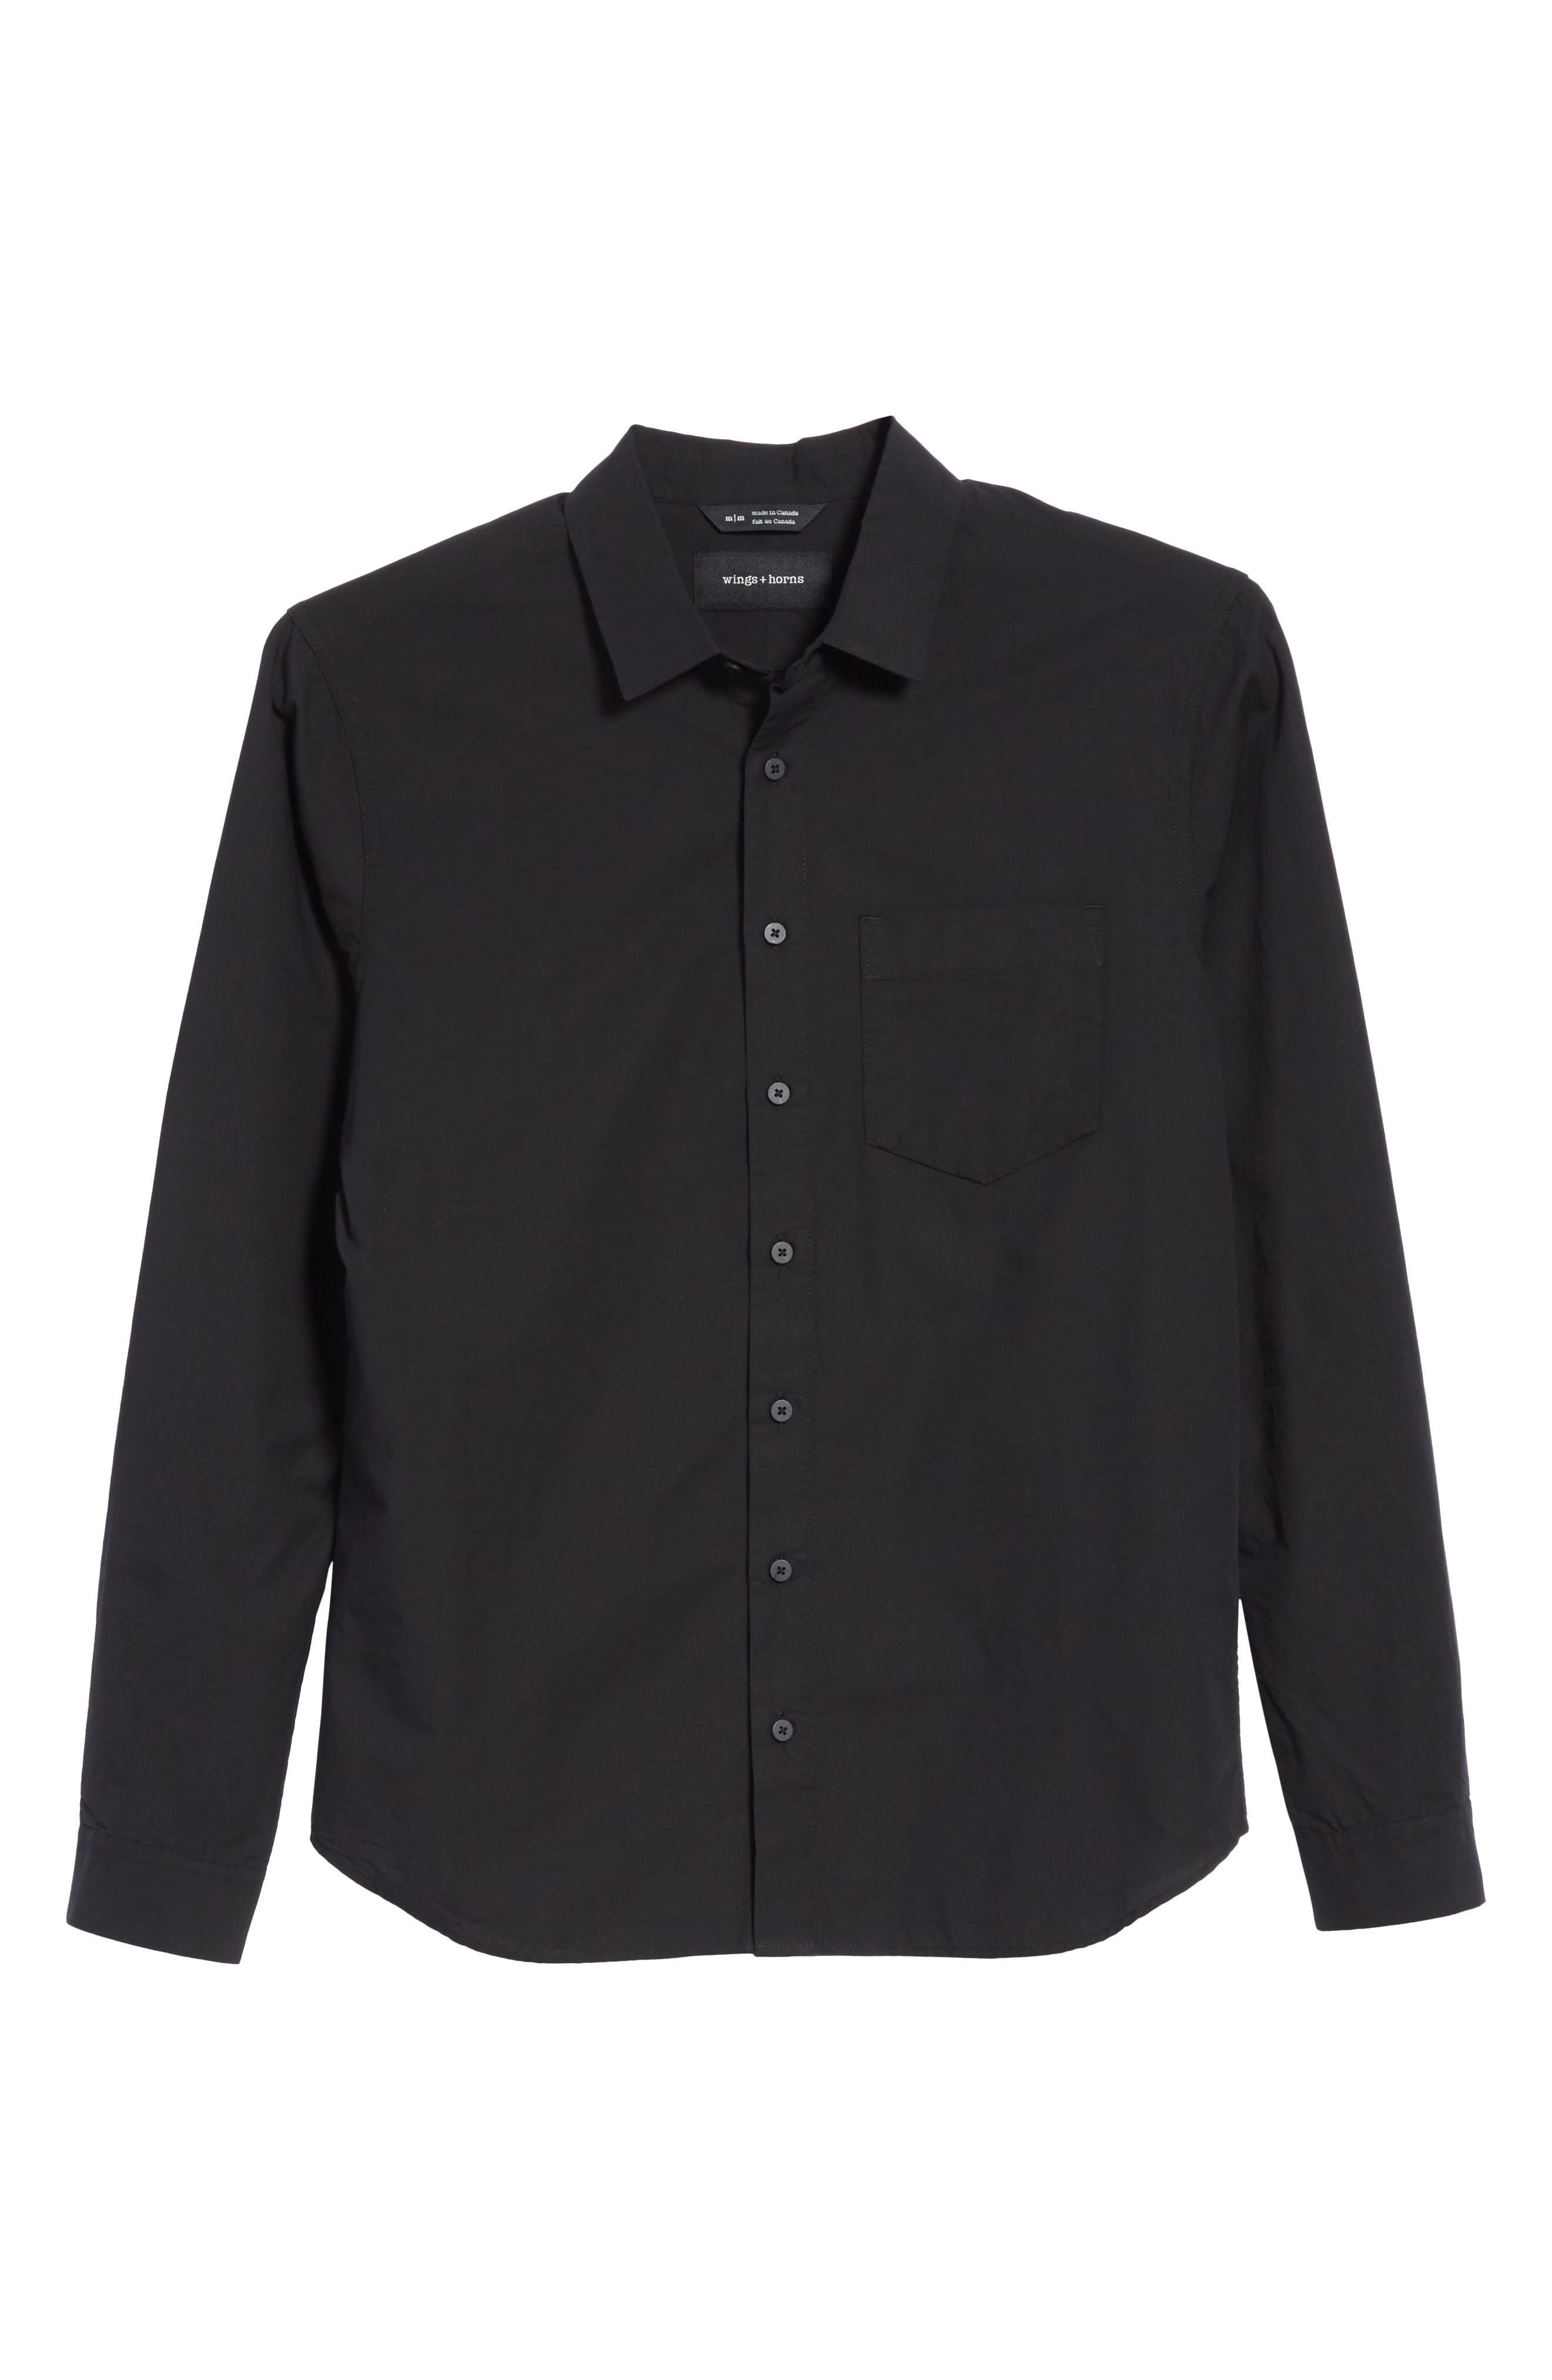 Officer Shirt,                             Alternate thumbnail 6, color,                             001